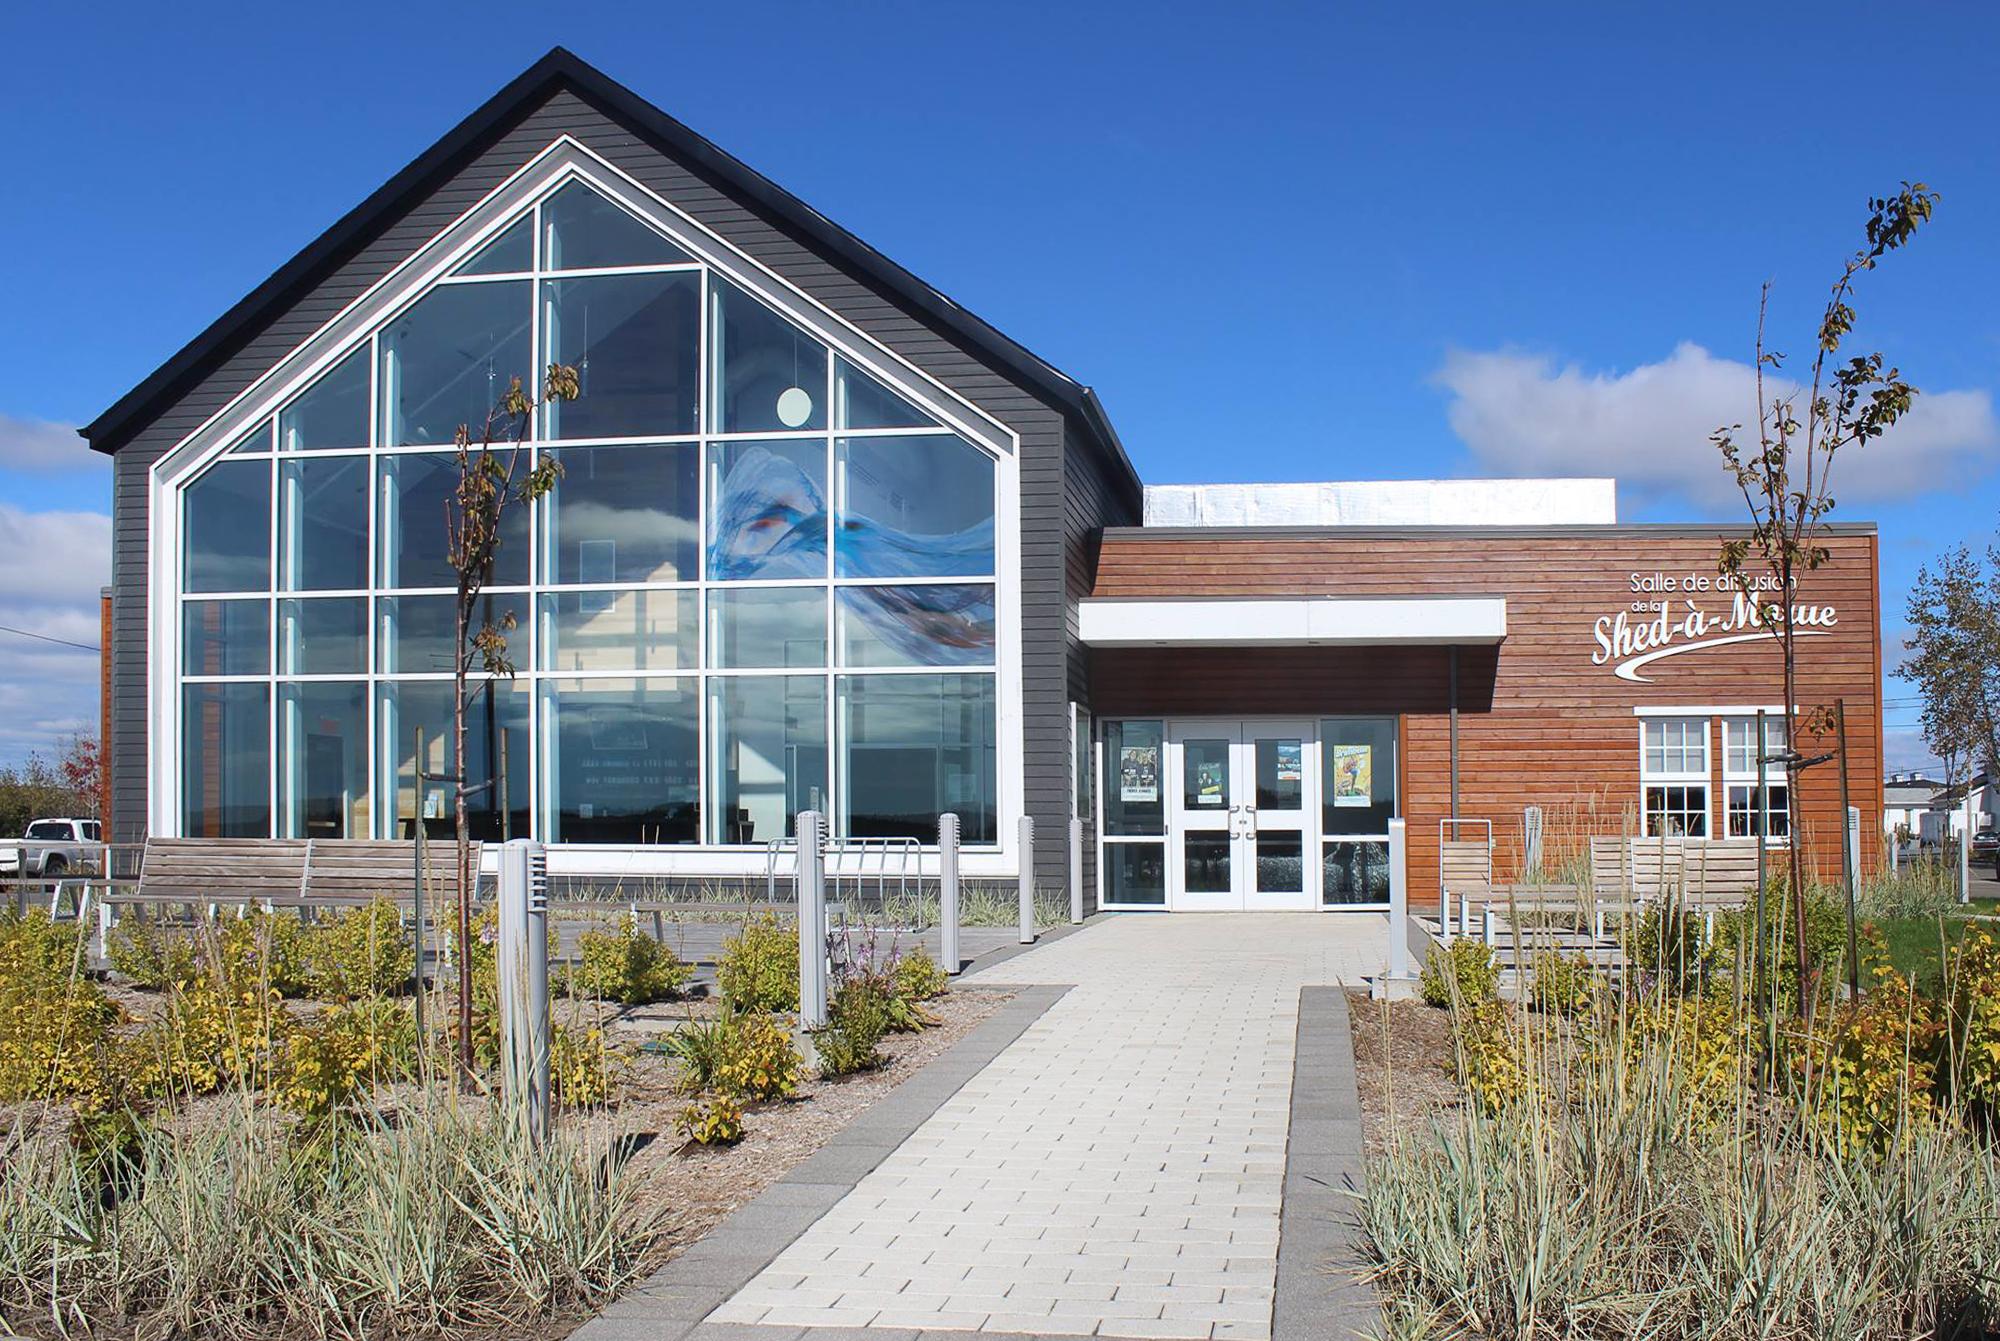 Salle de diffusion de Havre-Saint-Pierre  Année : 2012  | Budget: 3,3M$